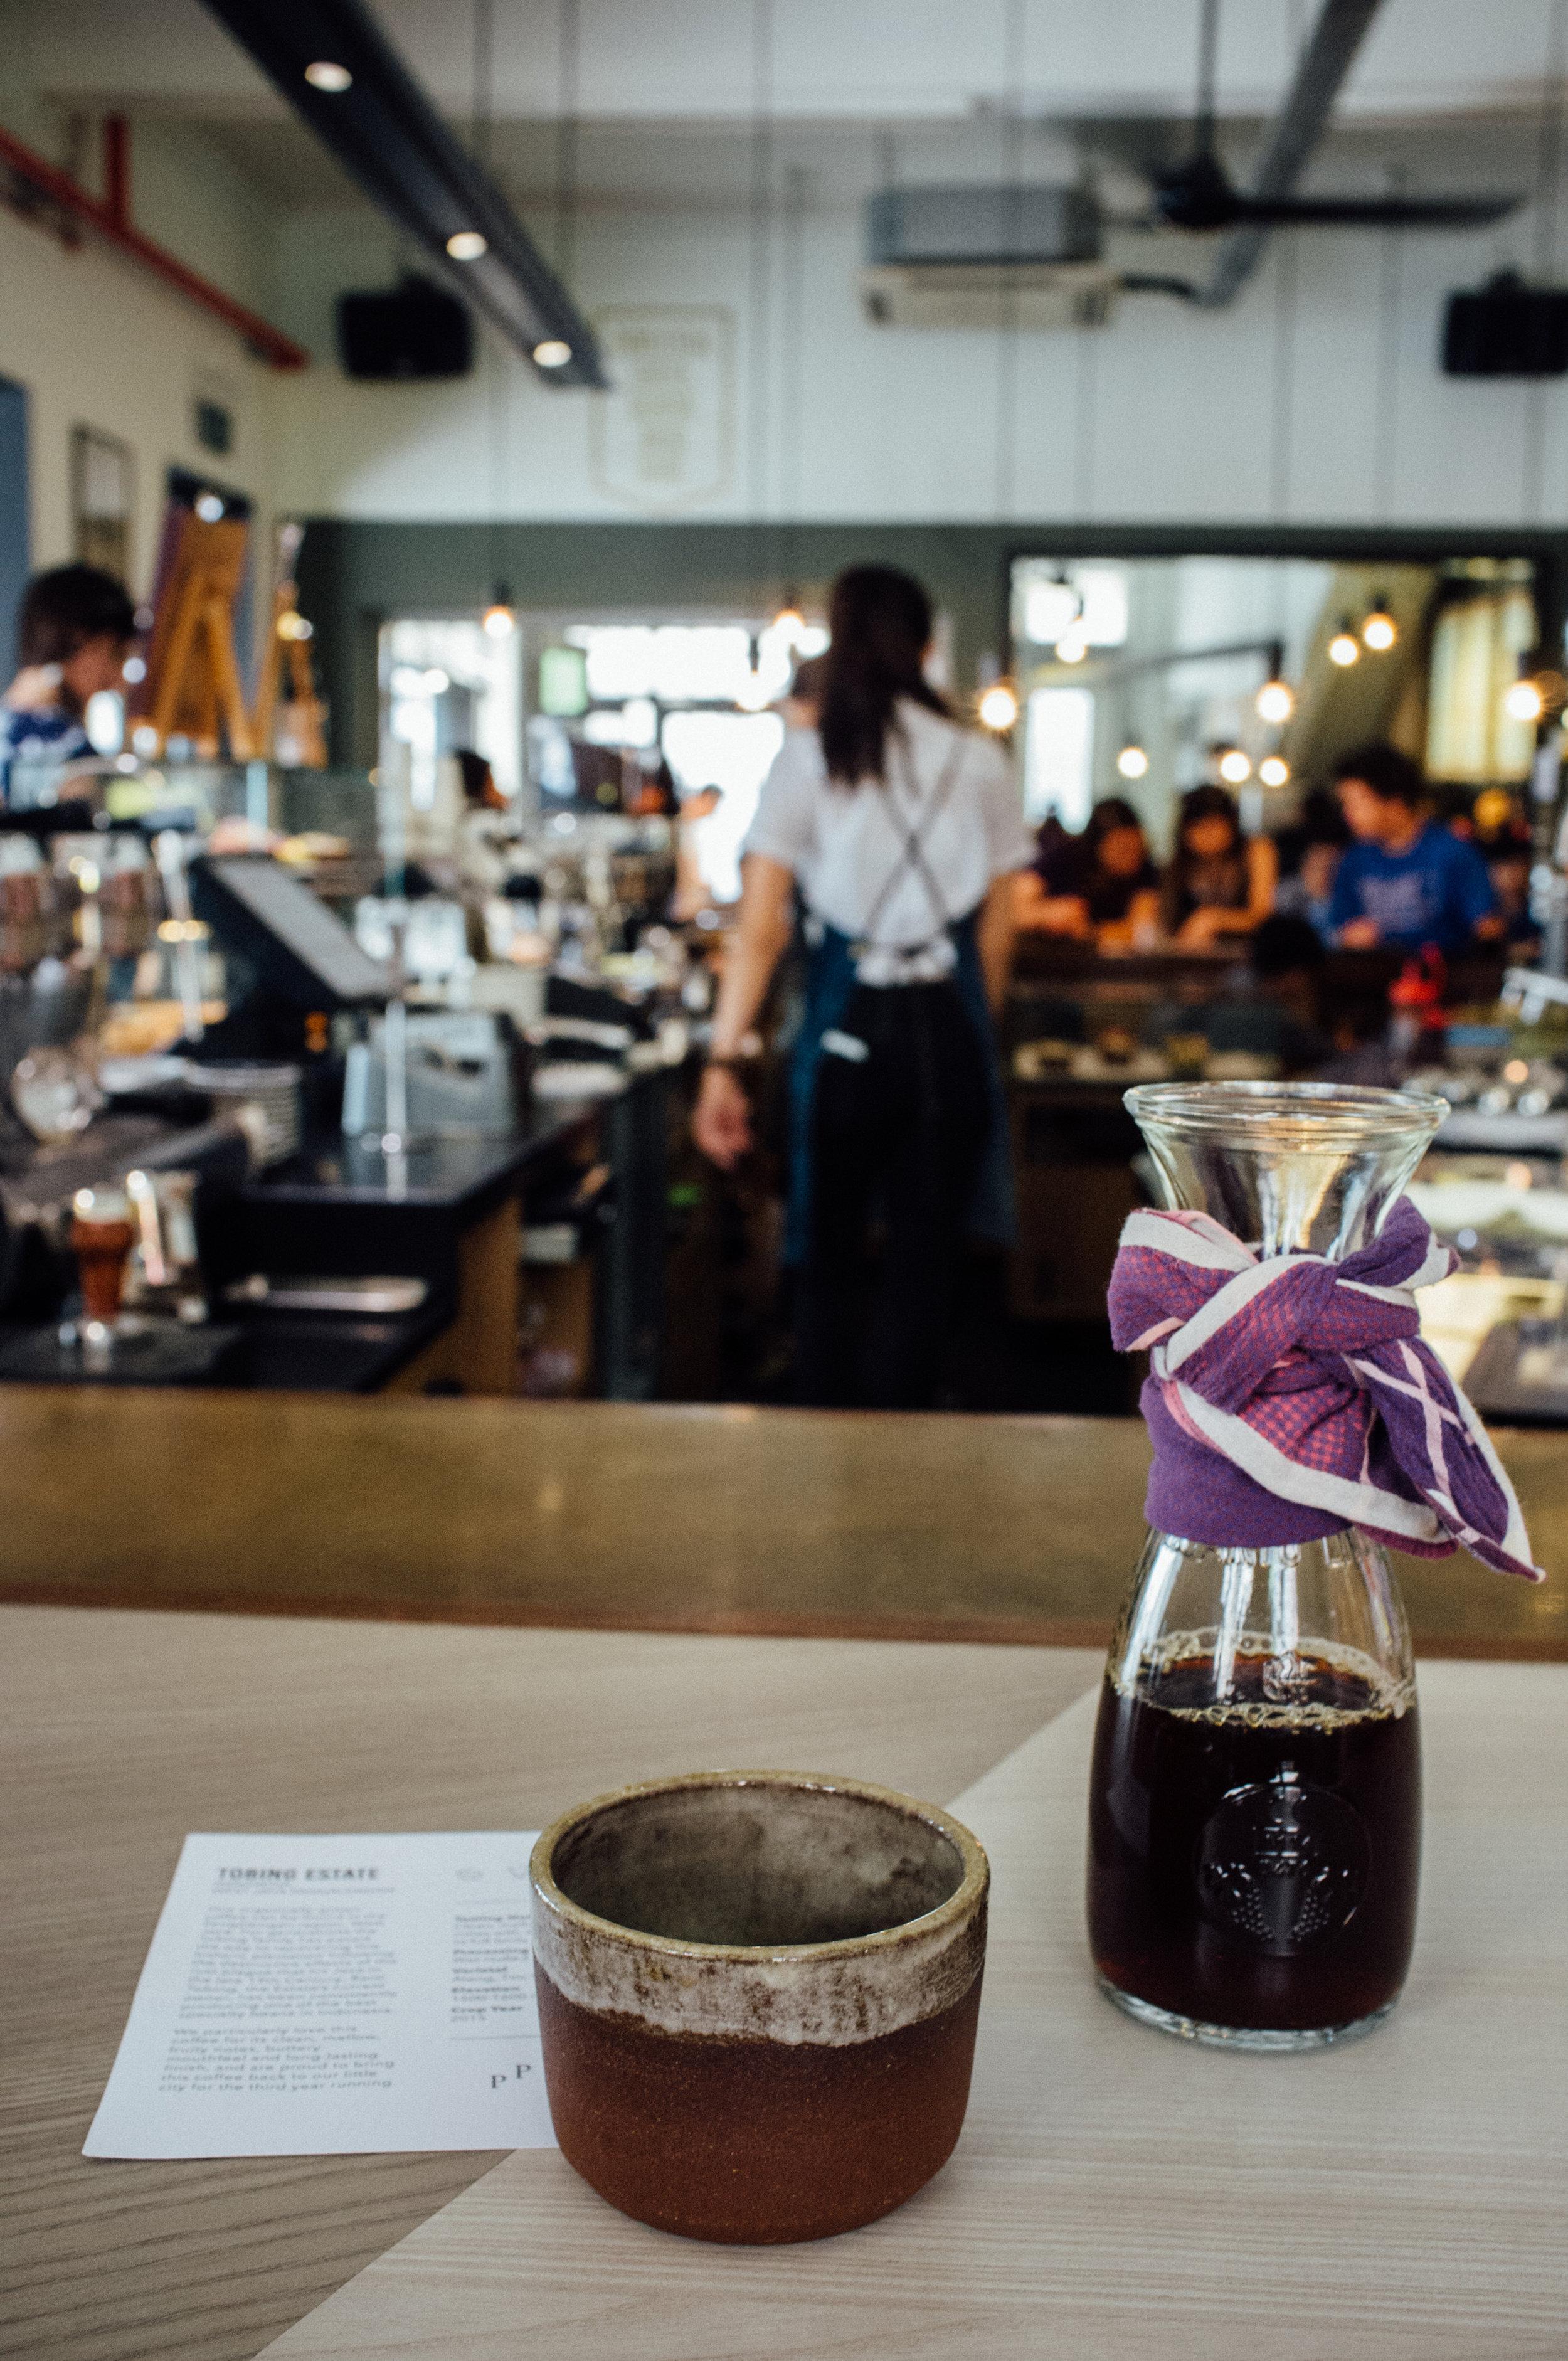 Tobing Estate Single Origin Pourover at Chye Seng Huat Hardware Coffee Bar